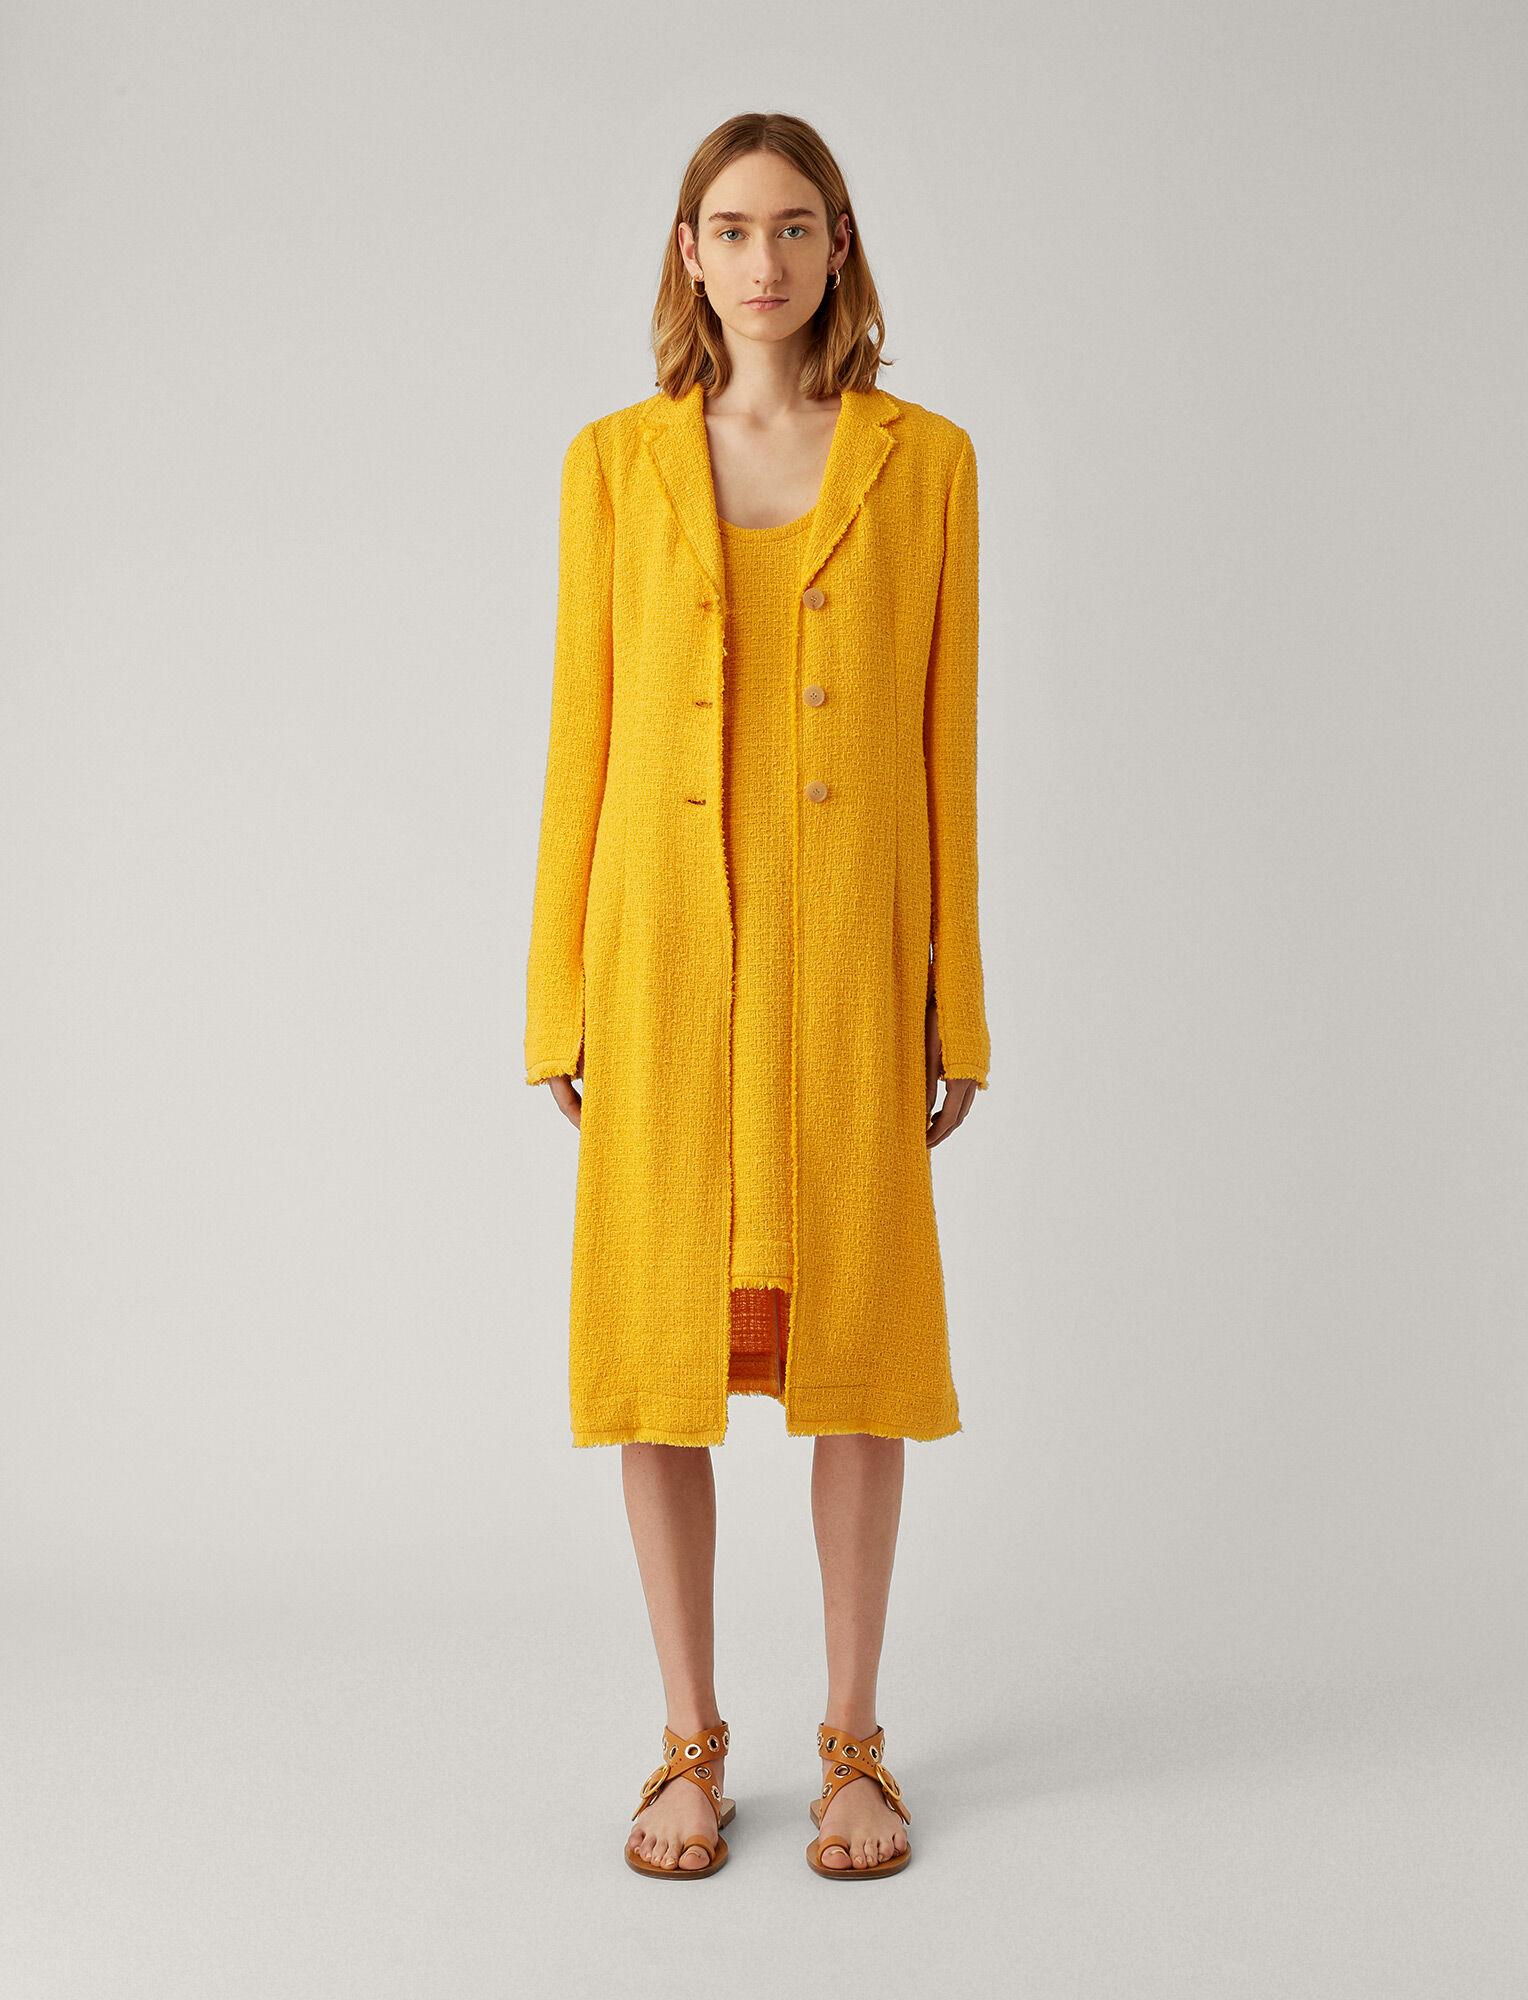 Joseph, Cierra Tweed Coat, in POLLEN